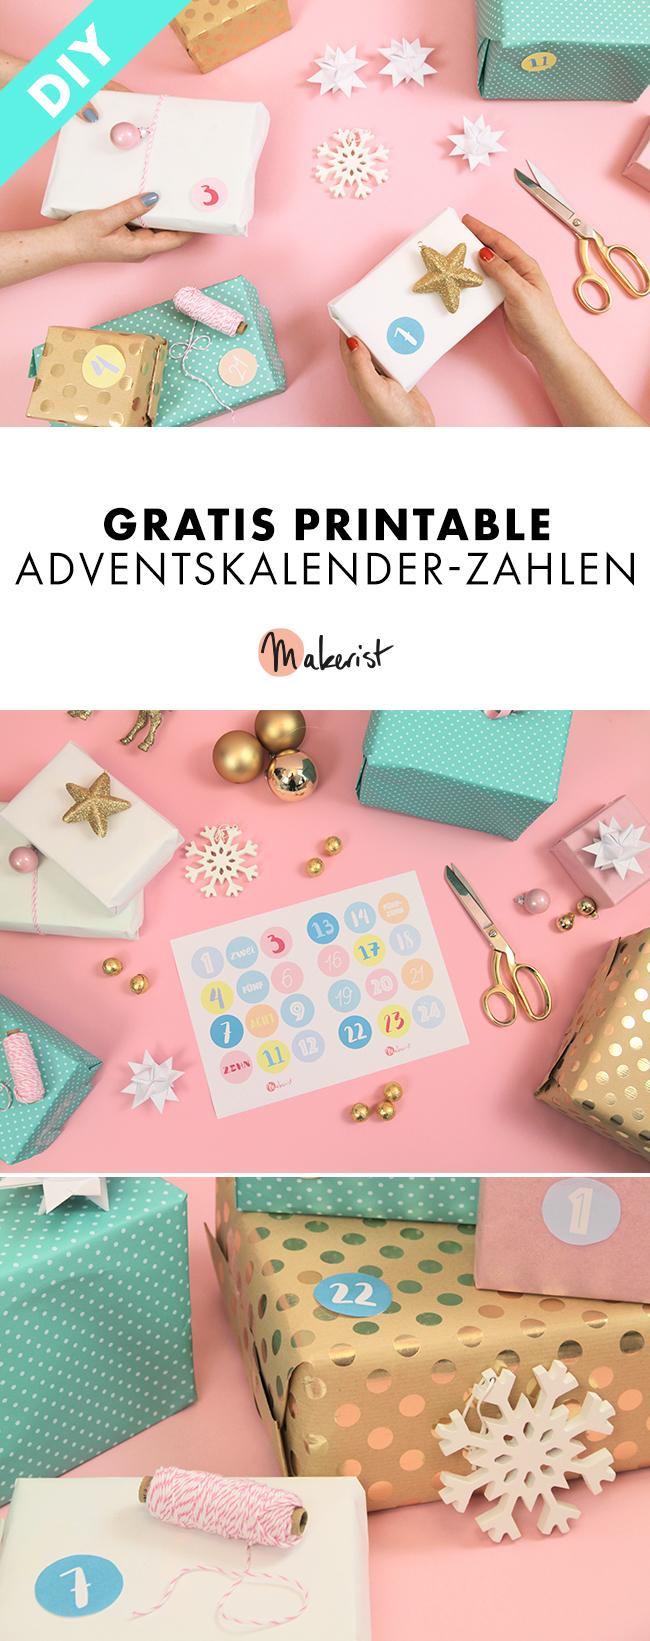 Makerist-Gratis-Printable-für-Weihnachten-Adventskalender-Zahlen-Pin-1